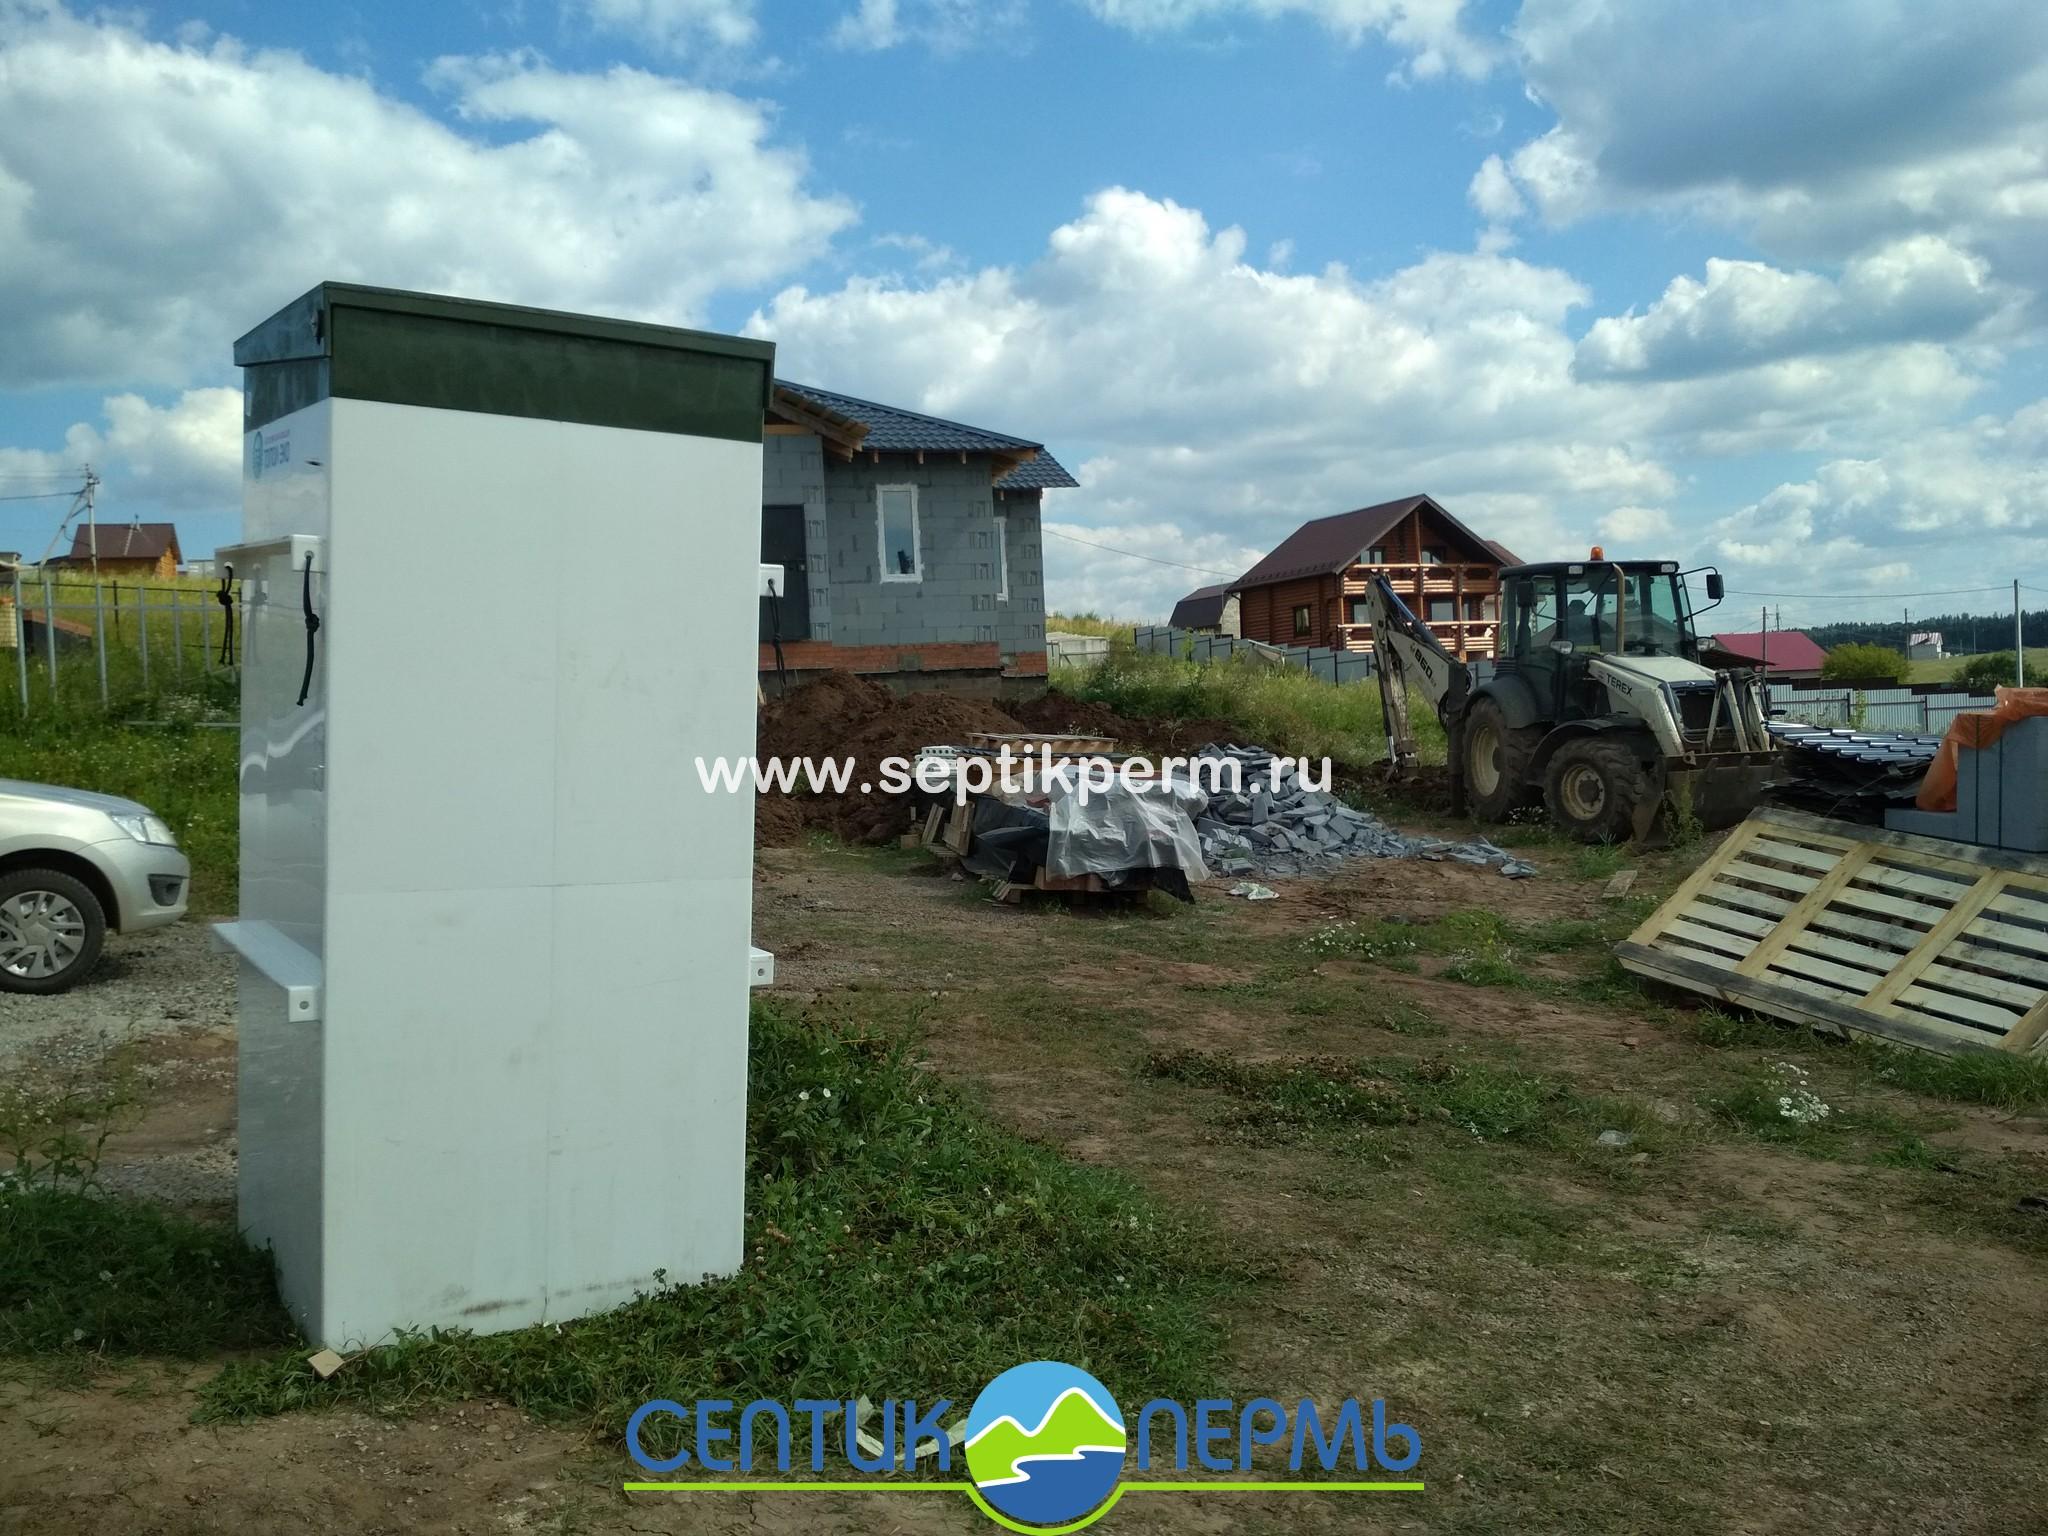 Монтаж скважинного адаптера и Топас-С 5 в Мартьяново